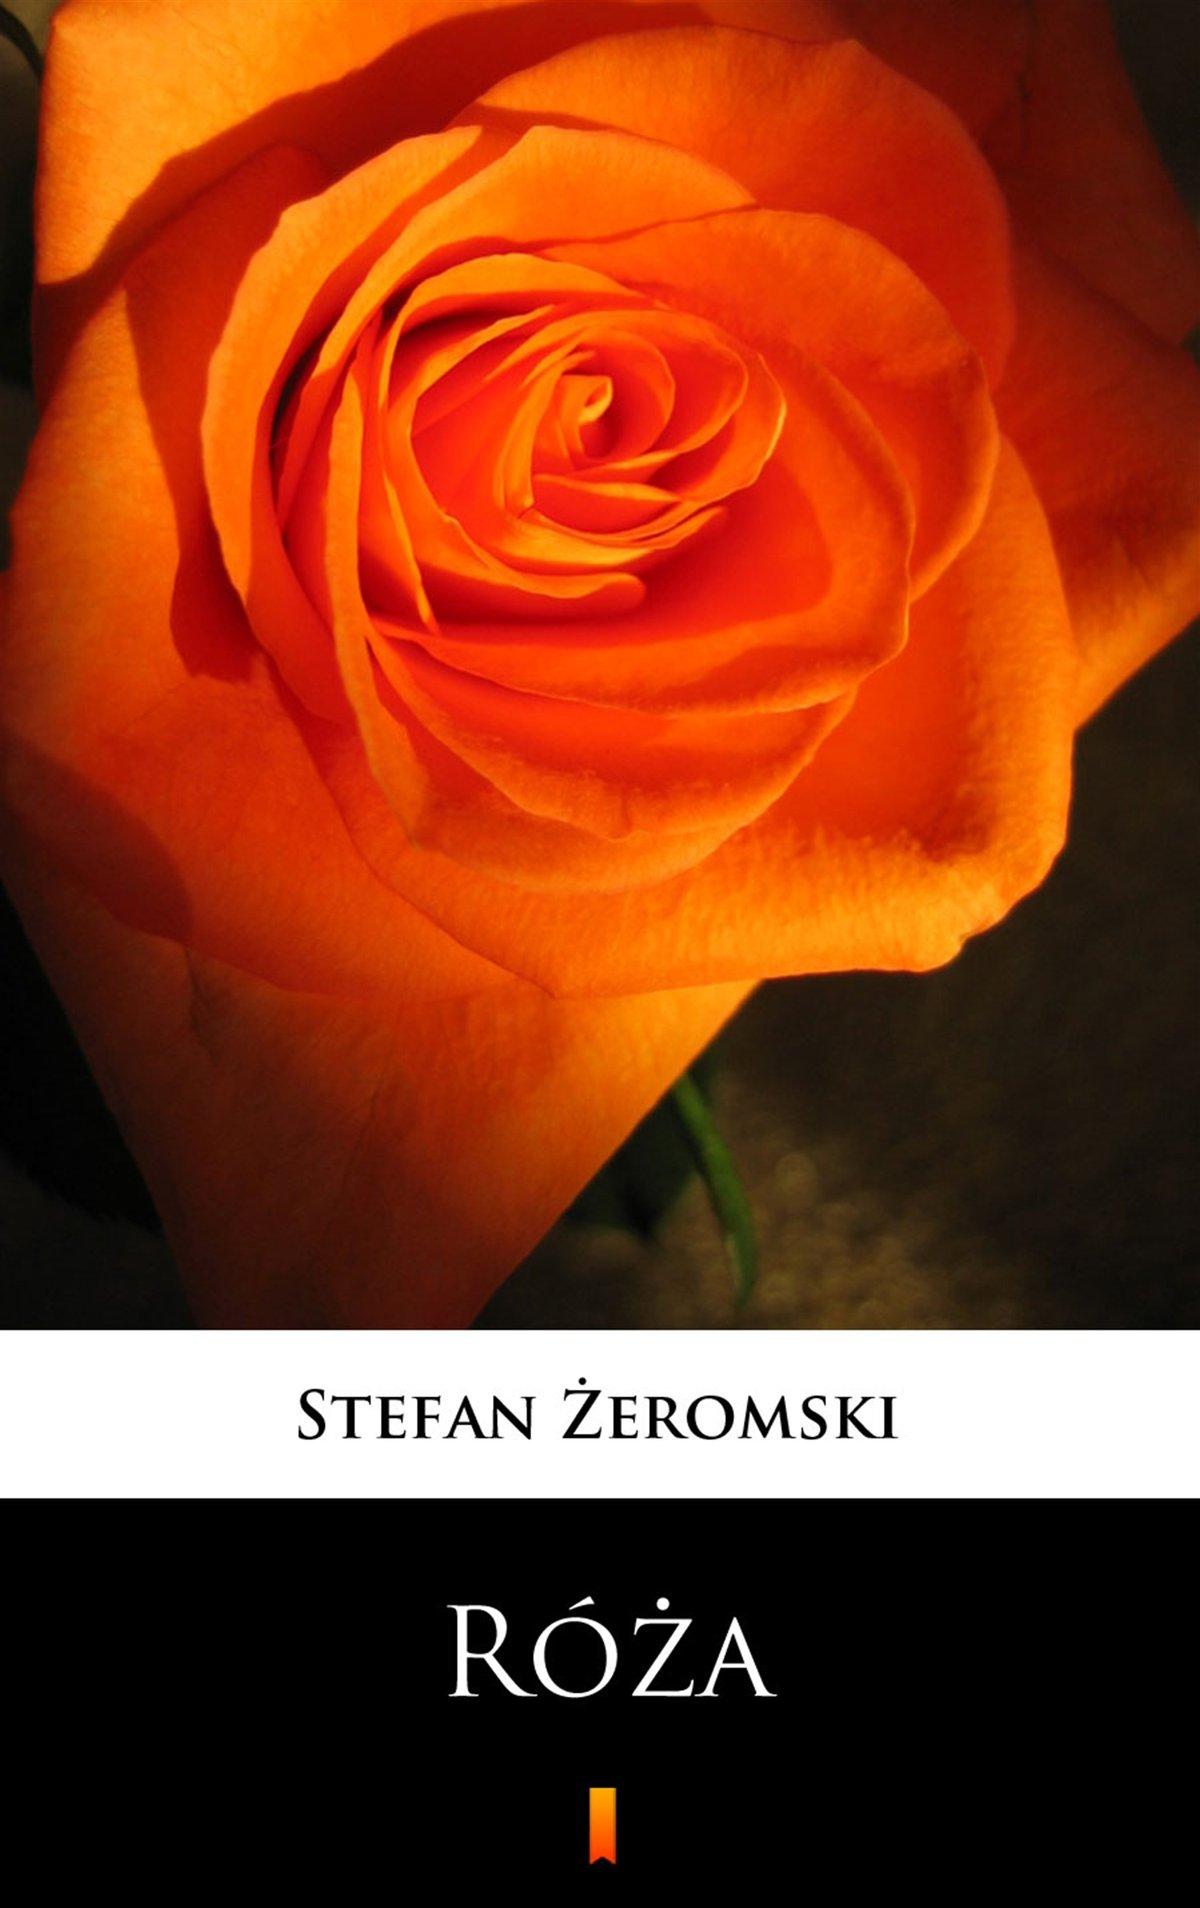 Róża - Ebook (Książka na Kindle) do pobrania w formacie MOBI